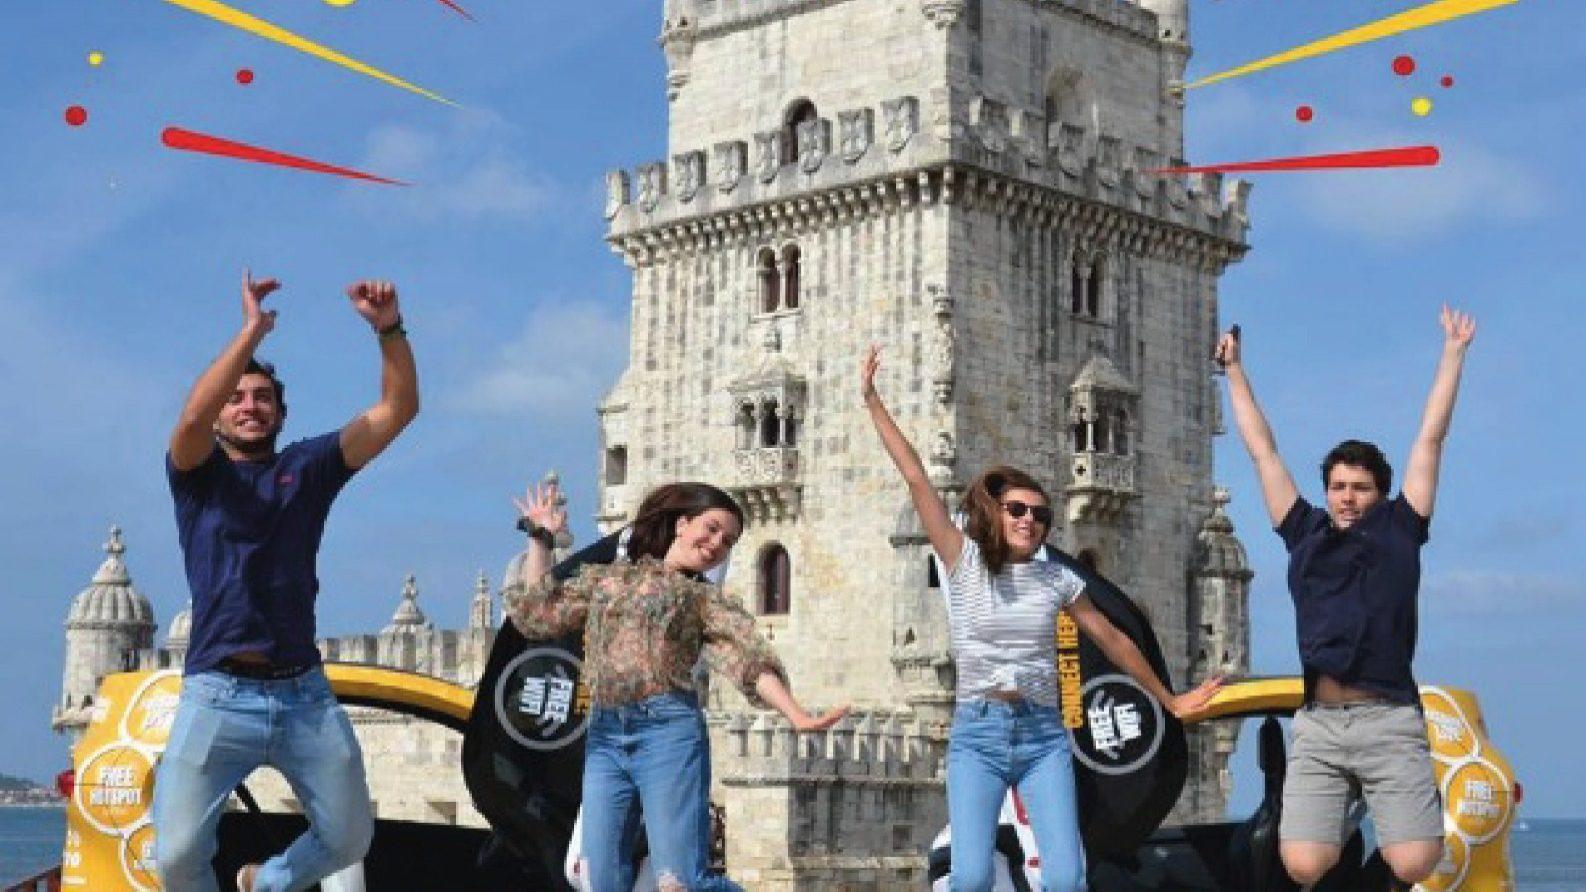 """Serviço de carros elétricos vai representar Portugal na """"Eurovisão das Startups"""""""